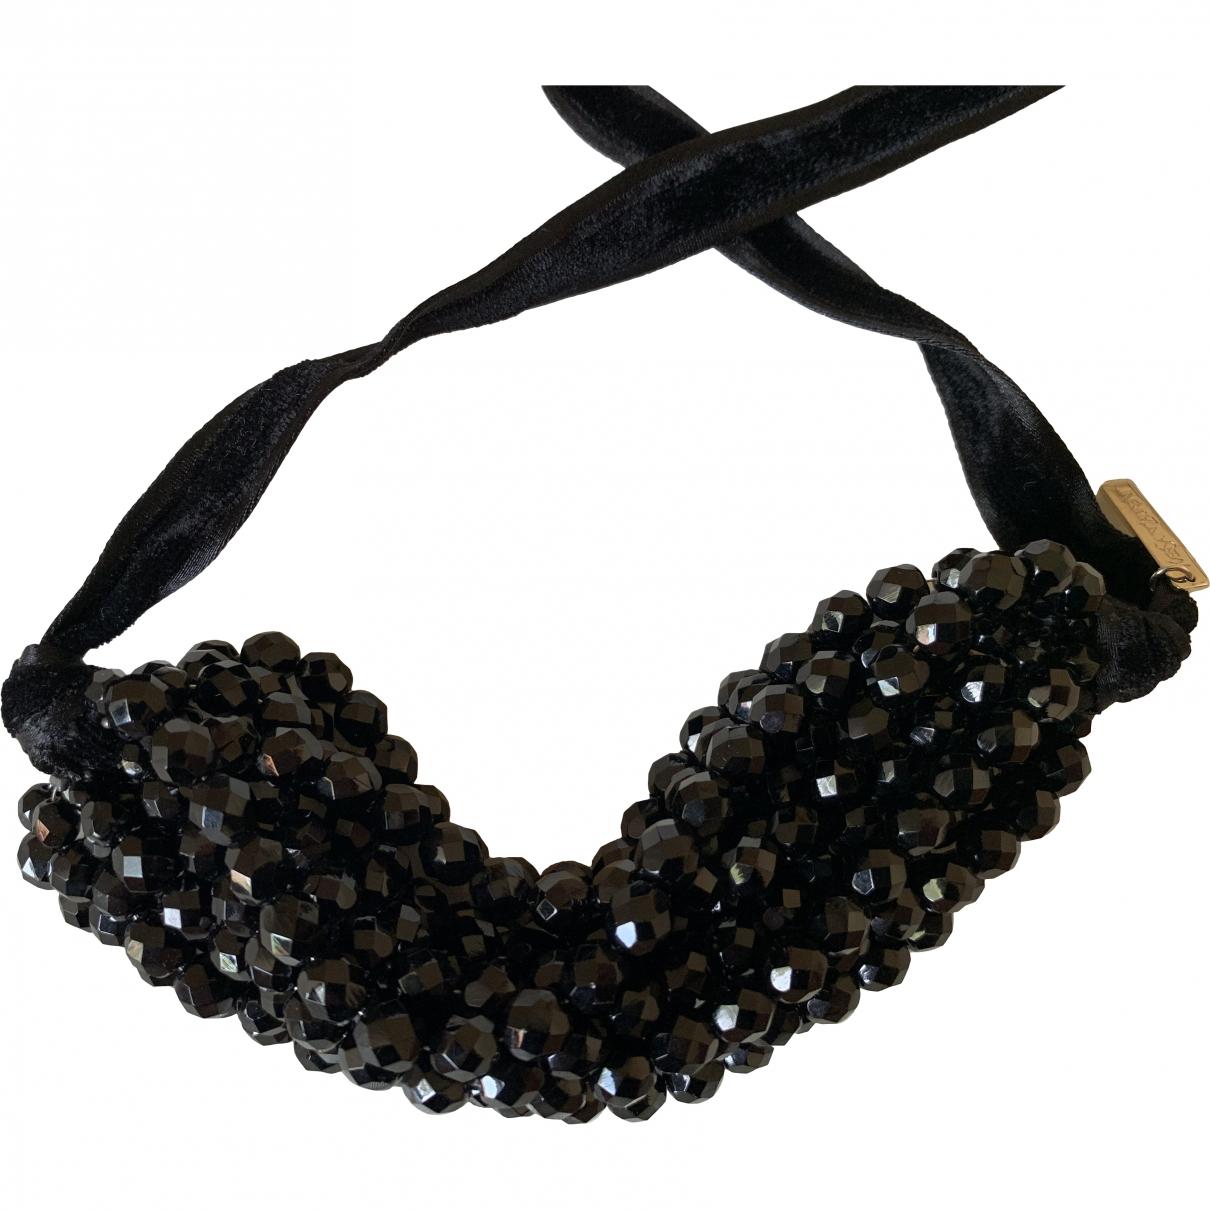 Yves Saint Laurent \N Black Metal necklace for Women \N